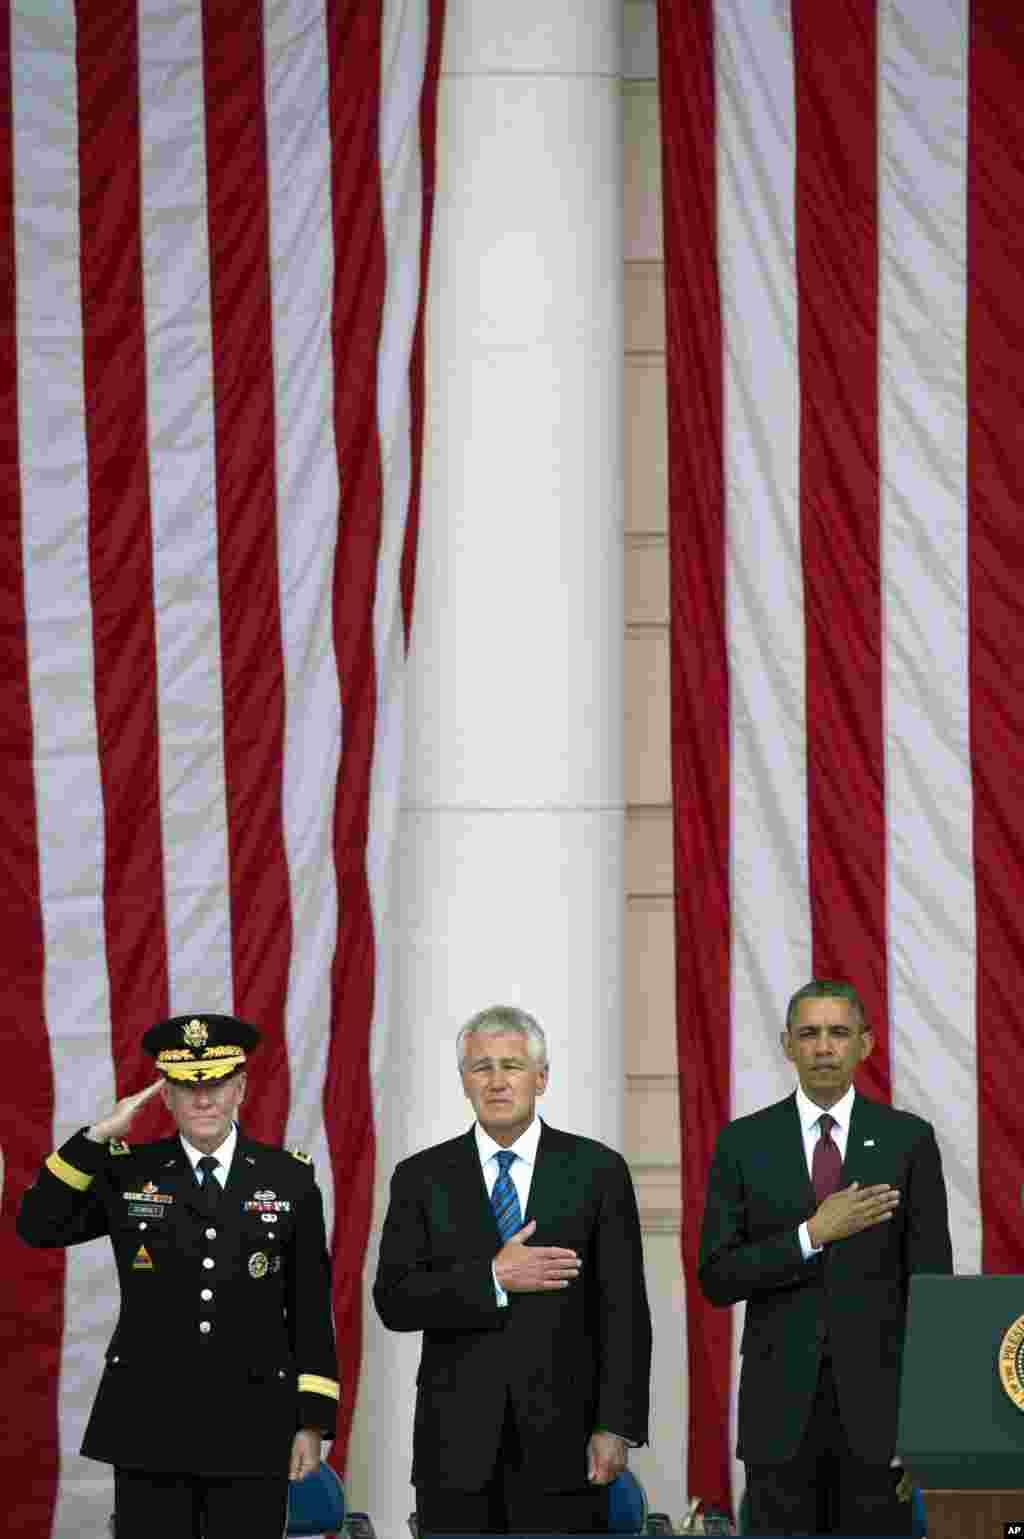 El presidente Obama junto al jefe del Estado Mayor Conjunto, Gen. Martin Dempsey, y el secretario de Defensa, Chuck Hagel en el cementerio de Arlington.